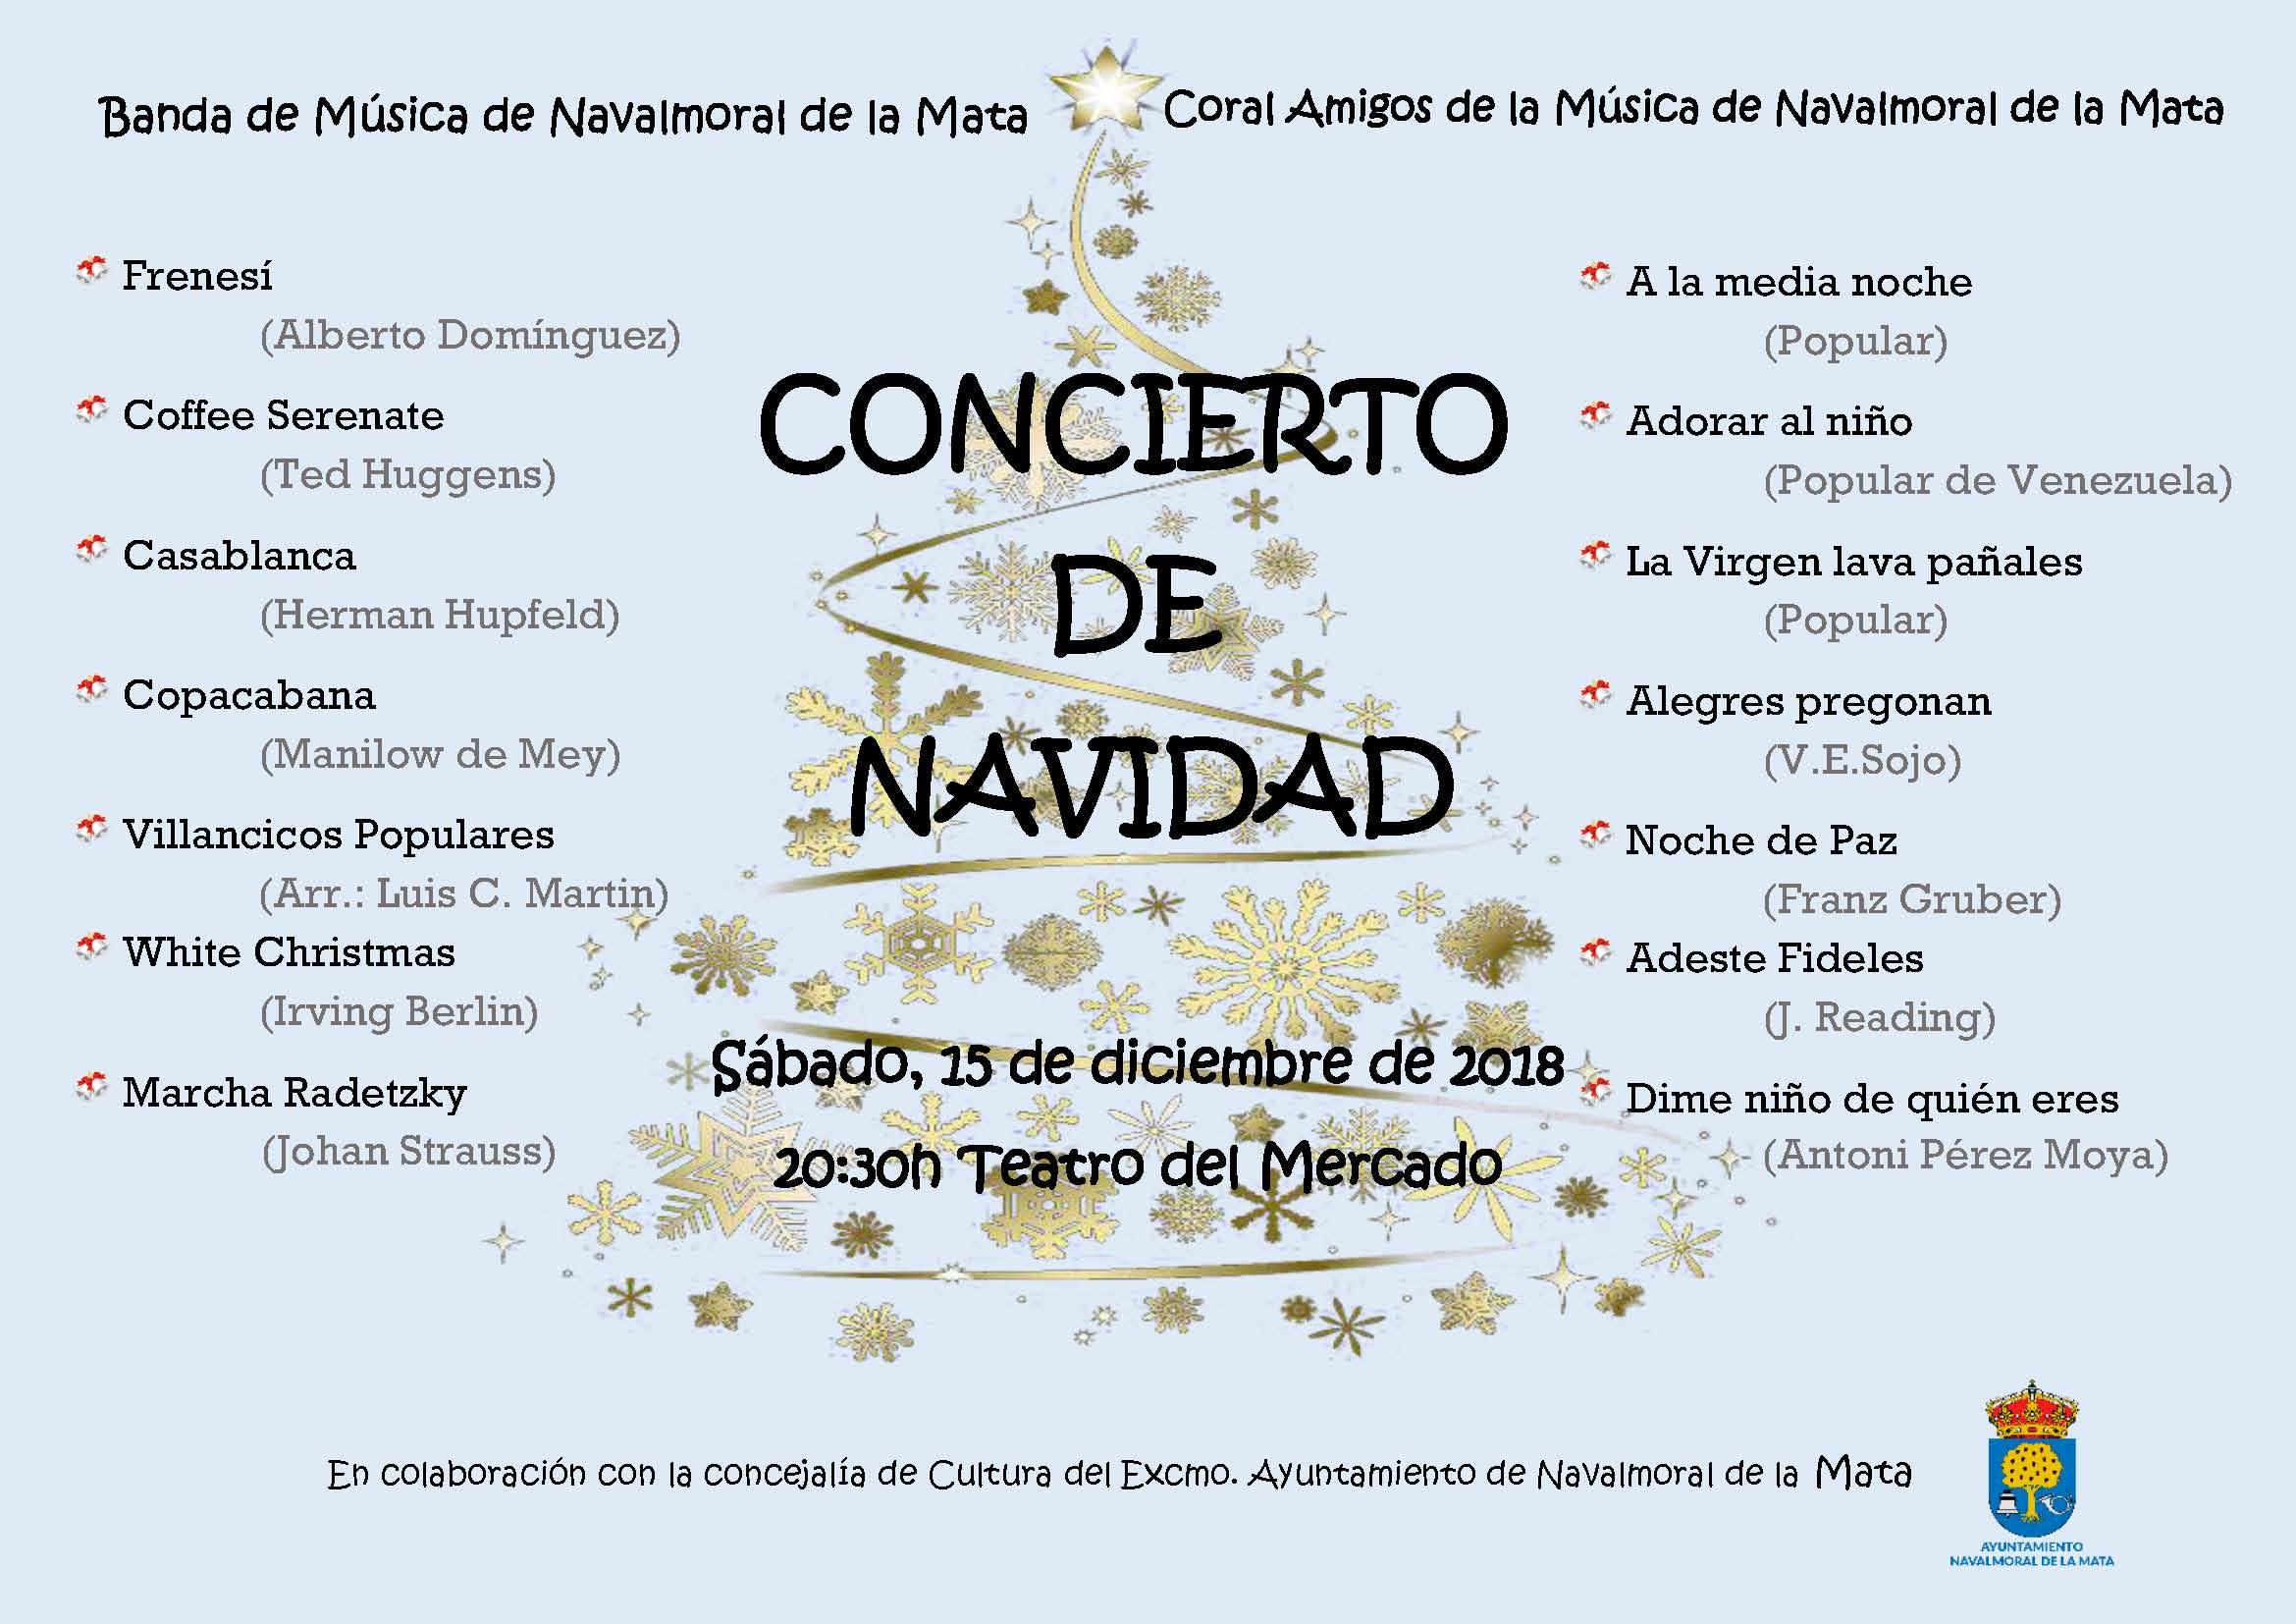 Concierto de Navidad 2018.